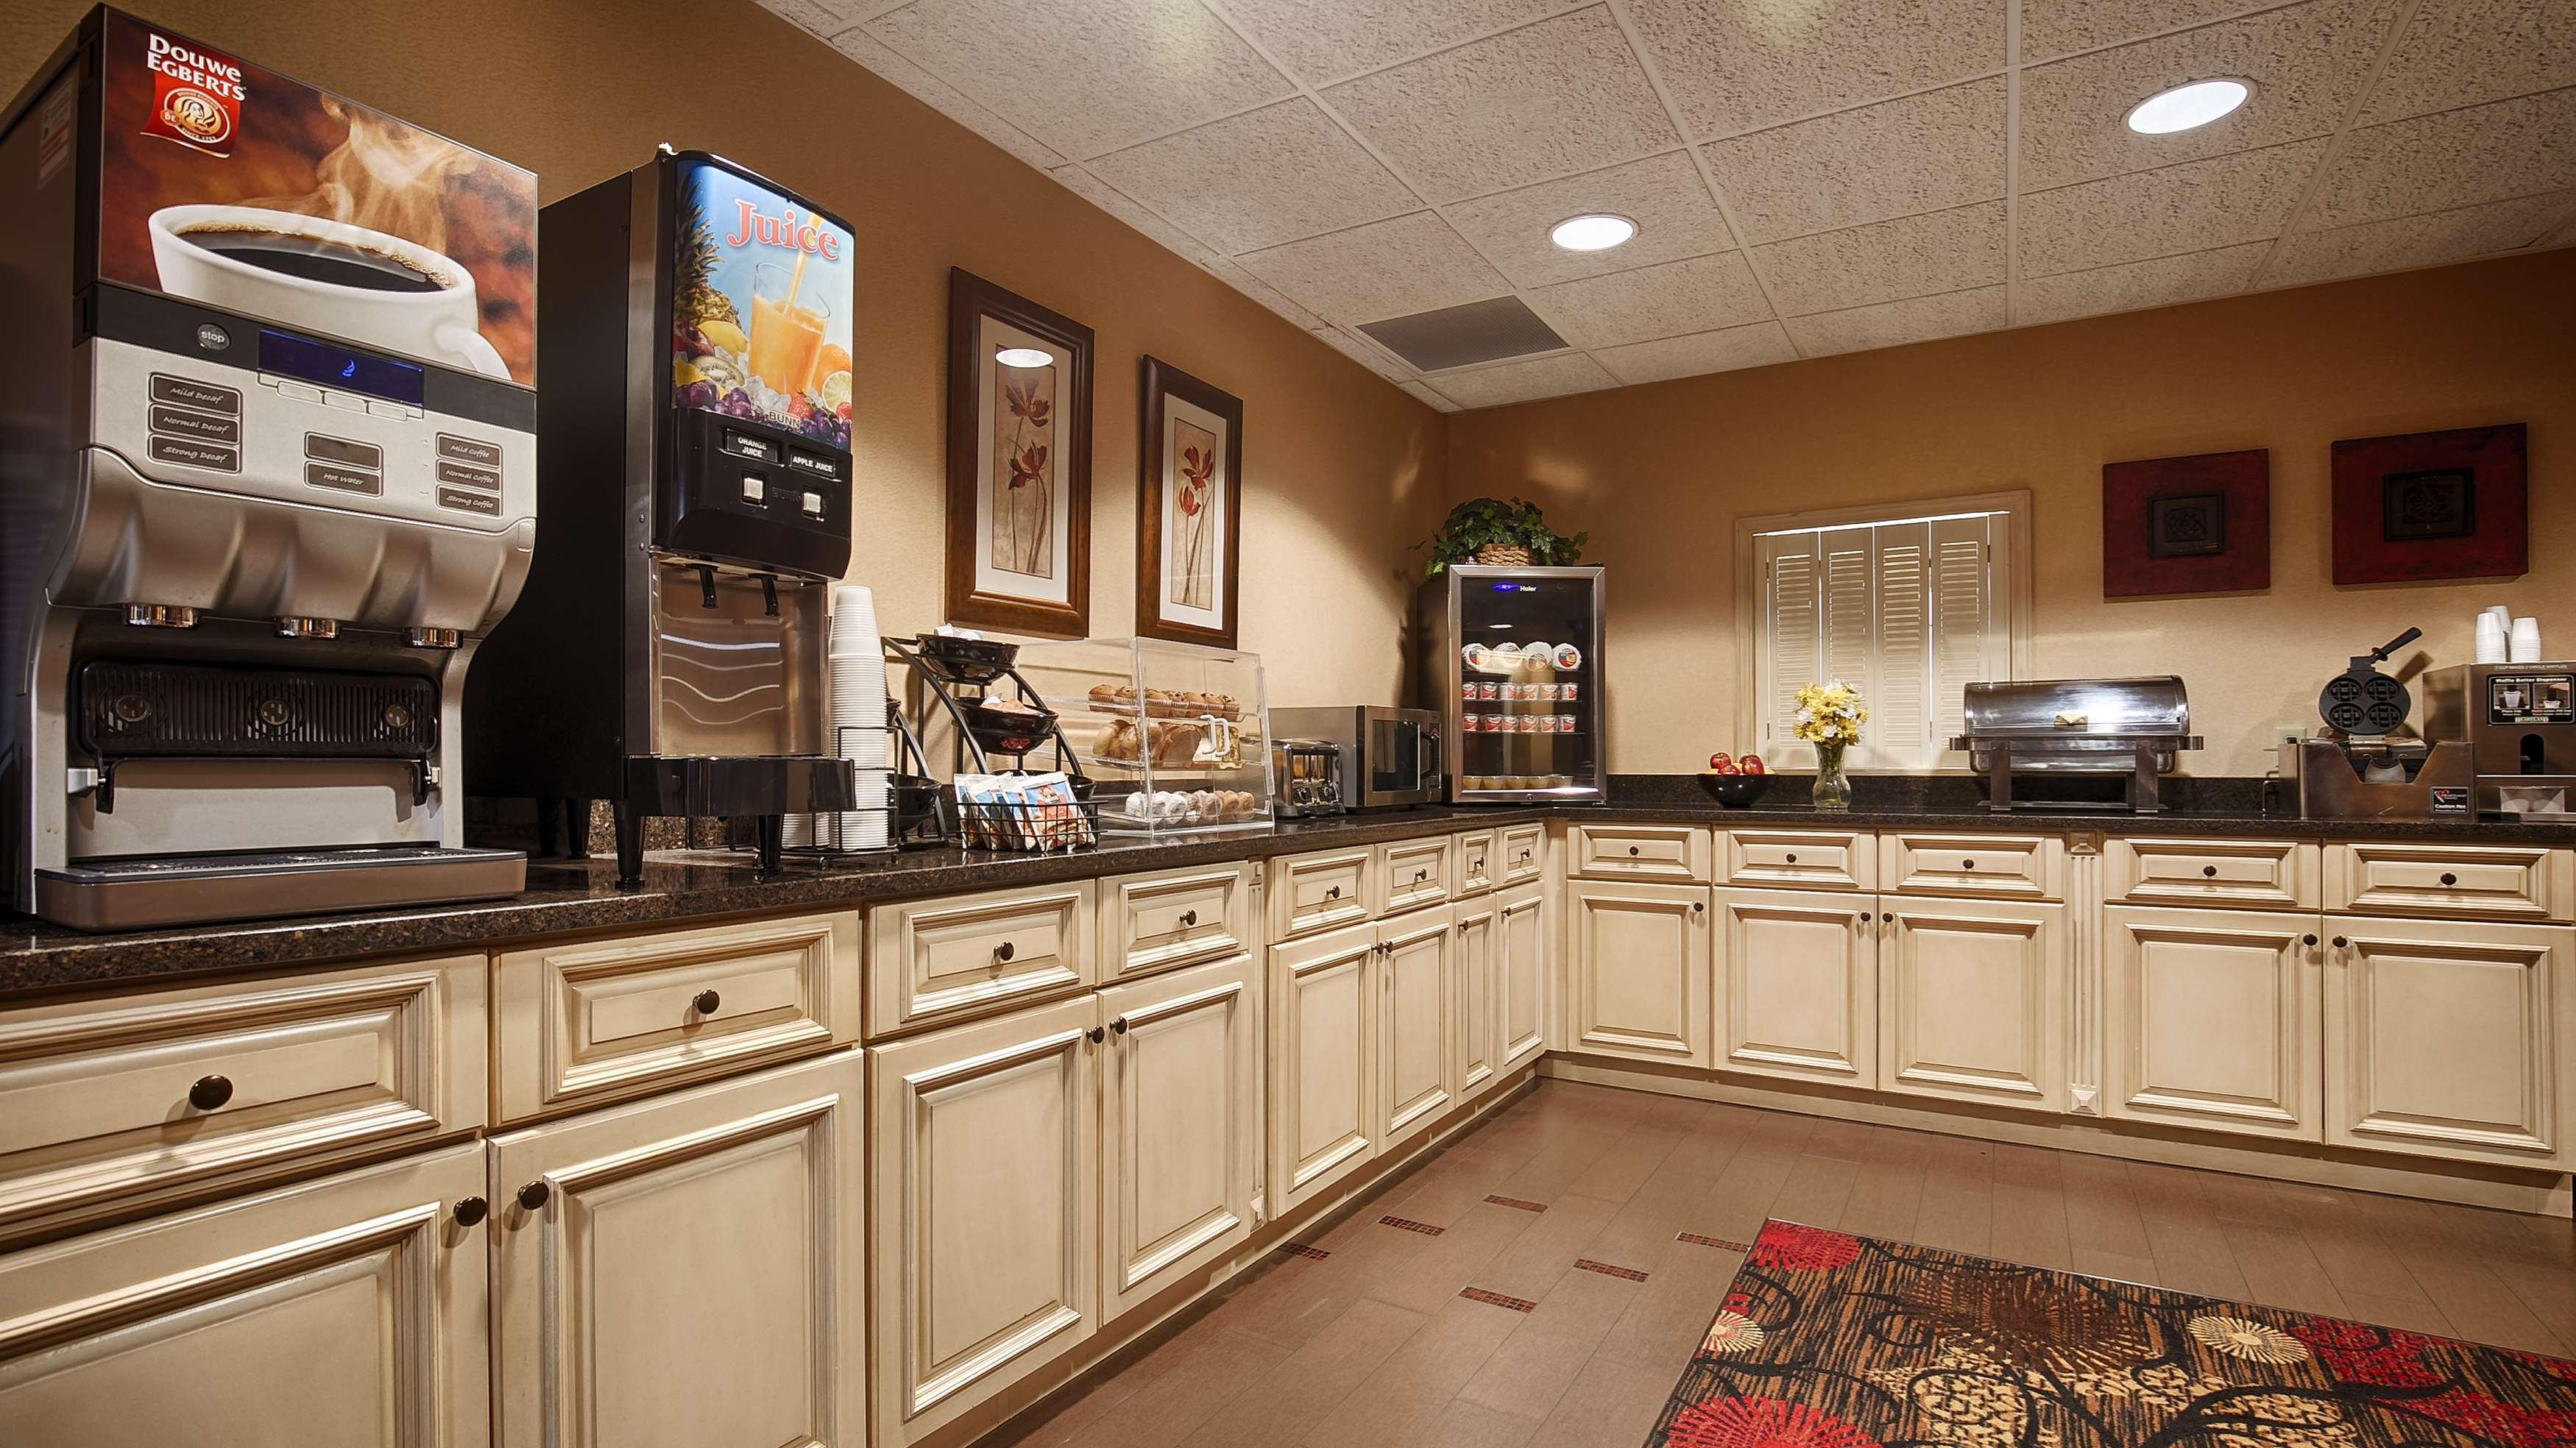 Best Western Plus Brandywine Inn & Suites image 4